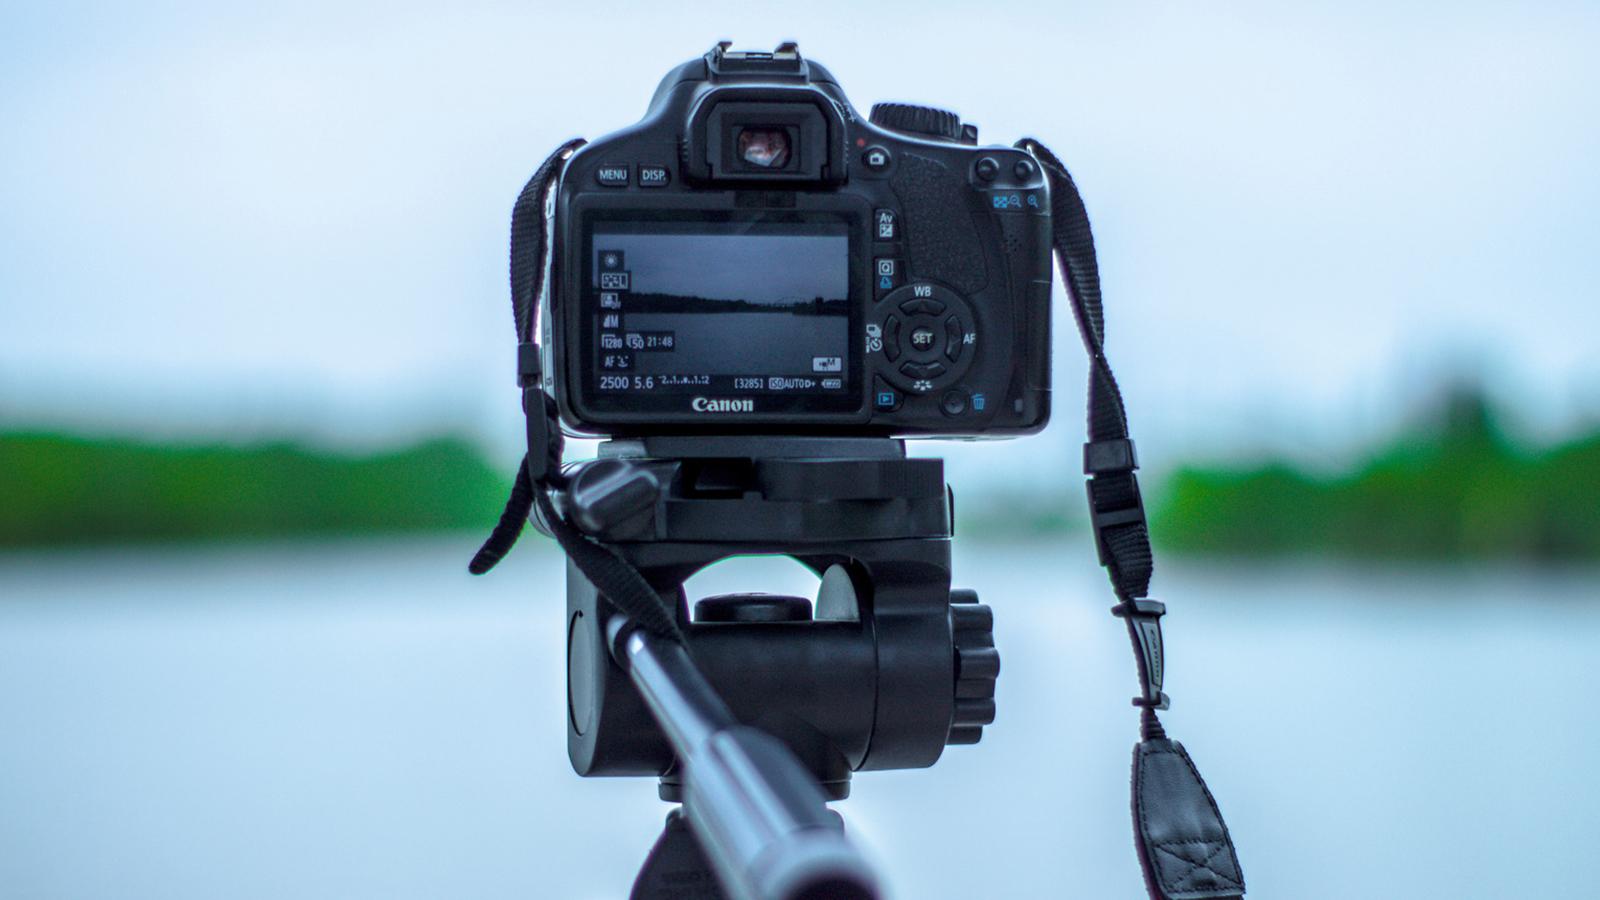 Fényképezés esőben - Ha ügyesen csinálod, a végeredmény mindenért kárpótol - Nextfoto